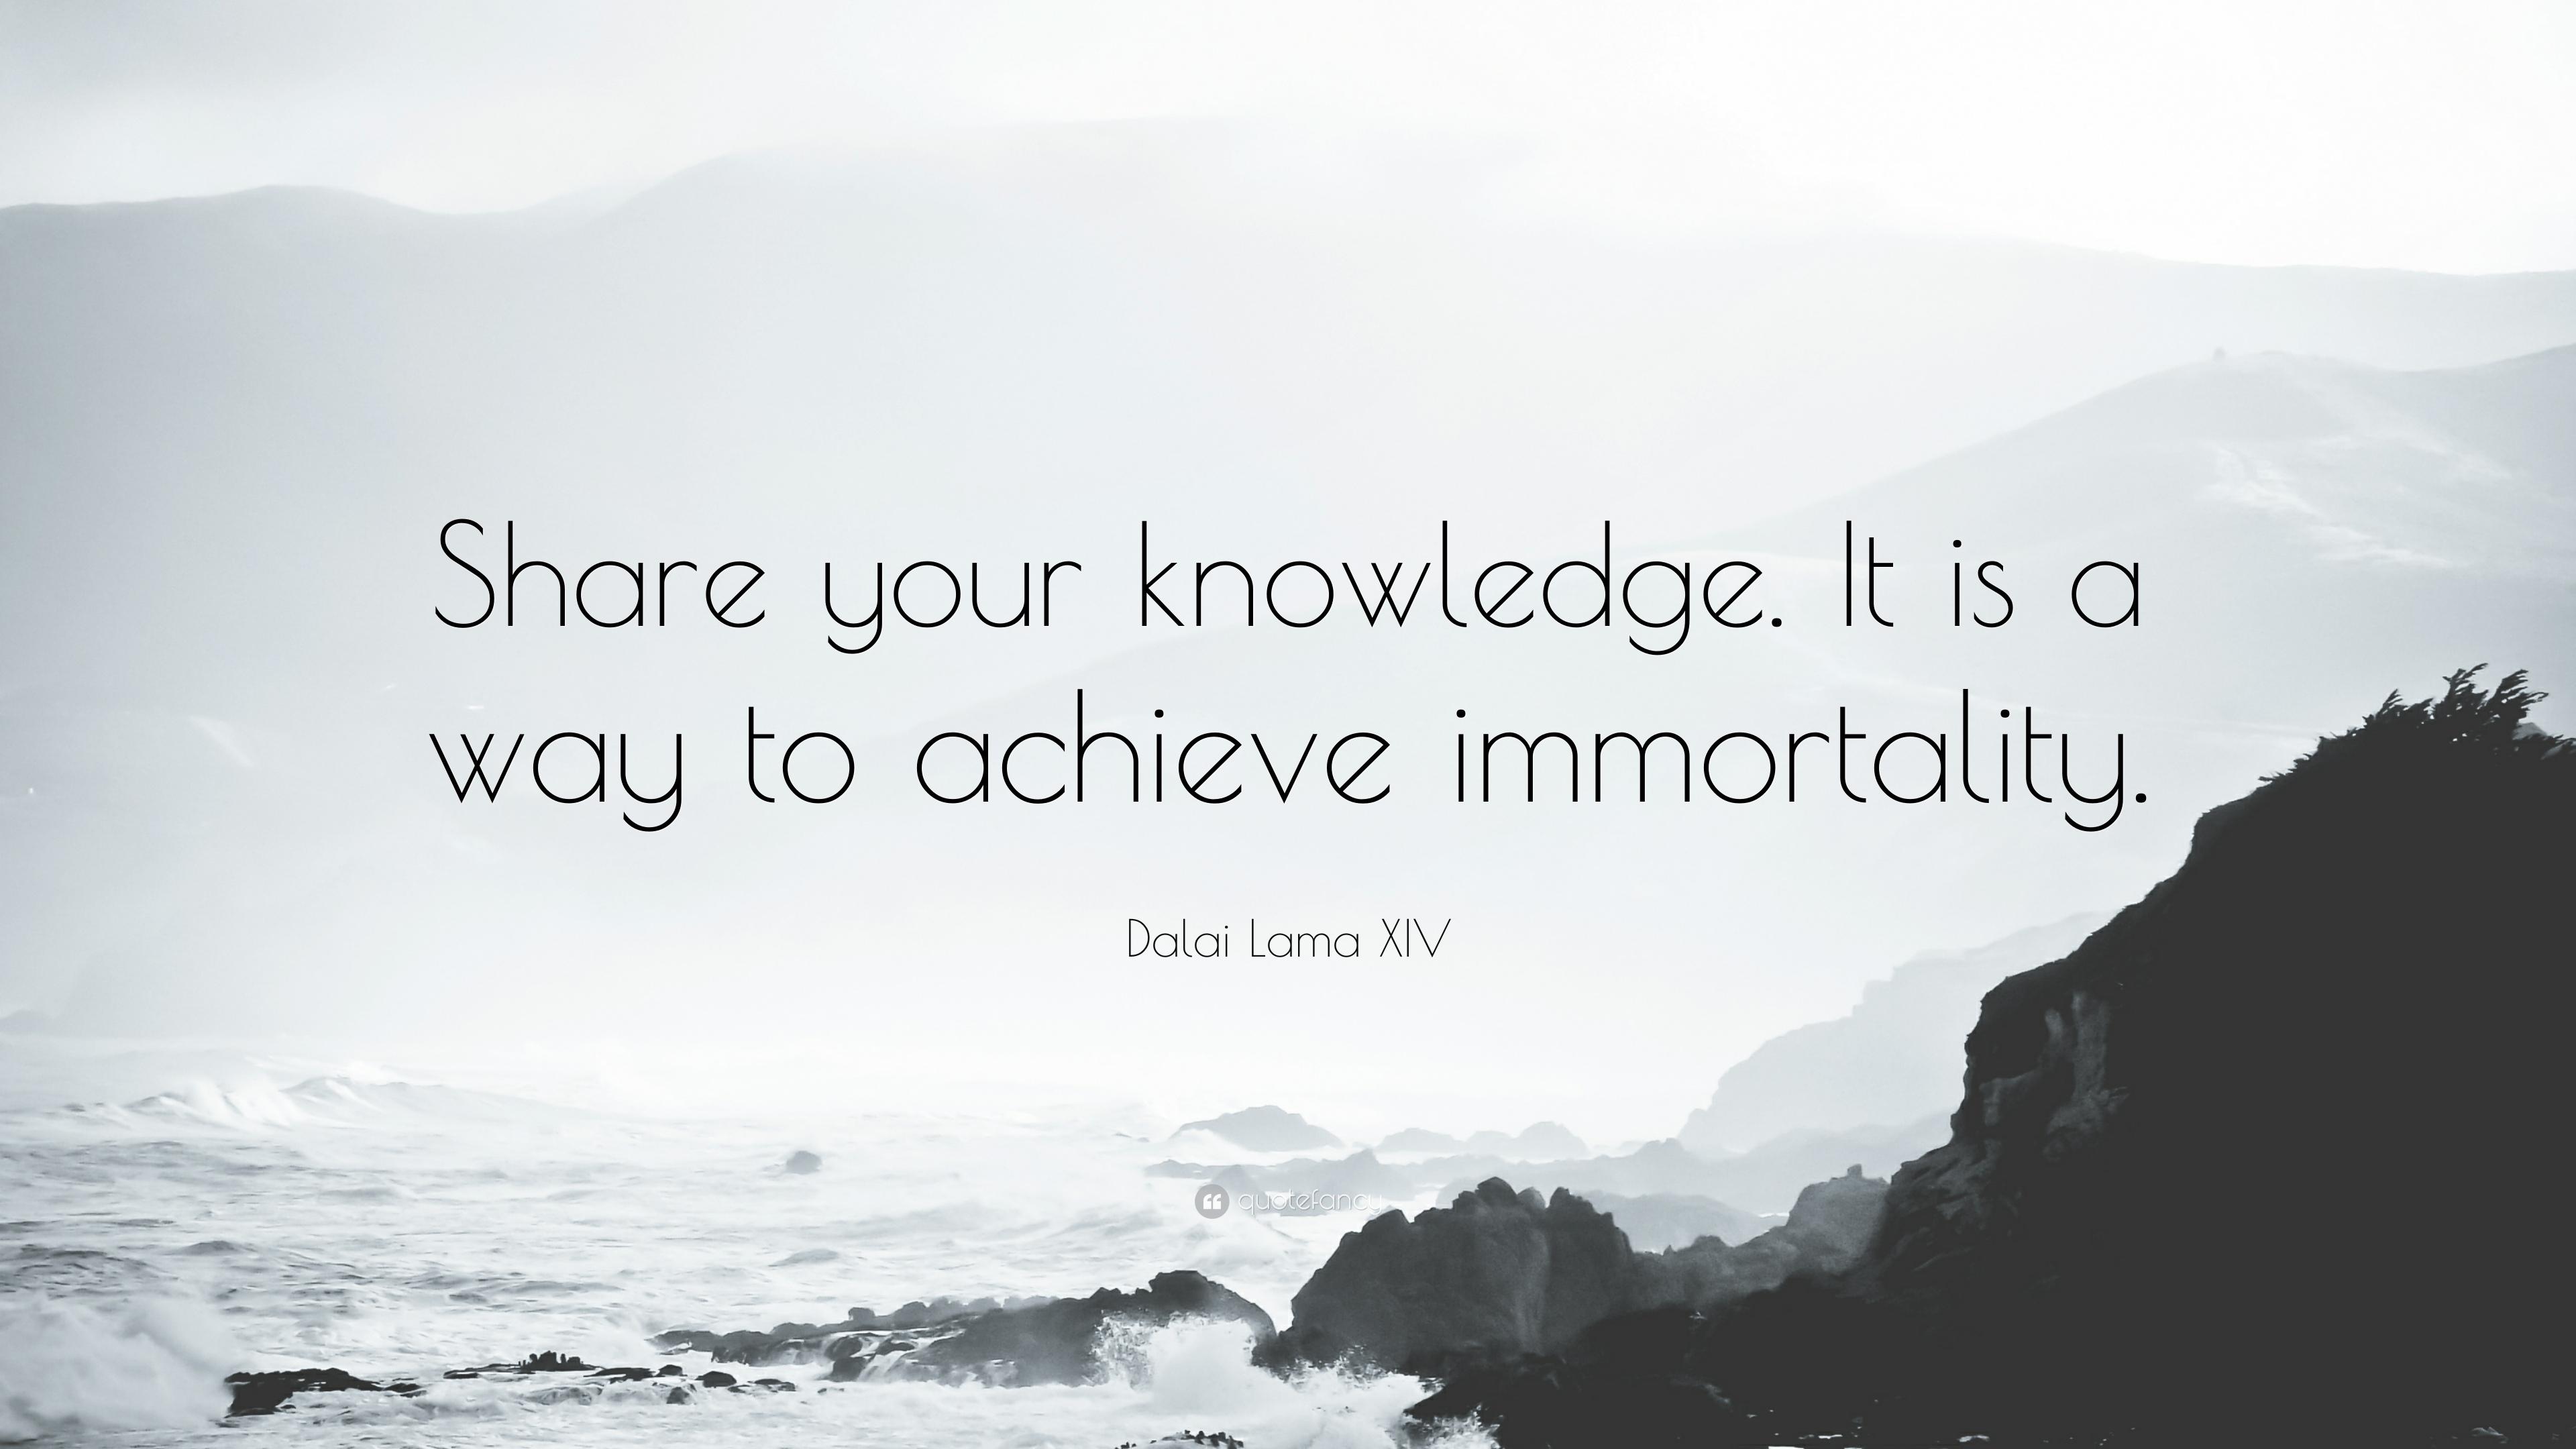 kennis-delen-rdta